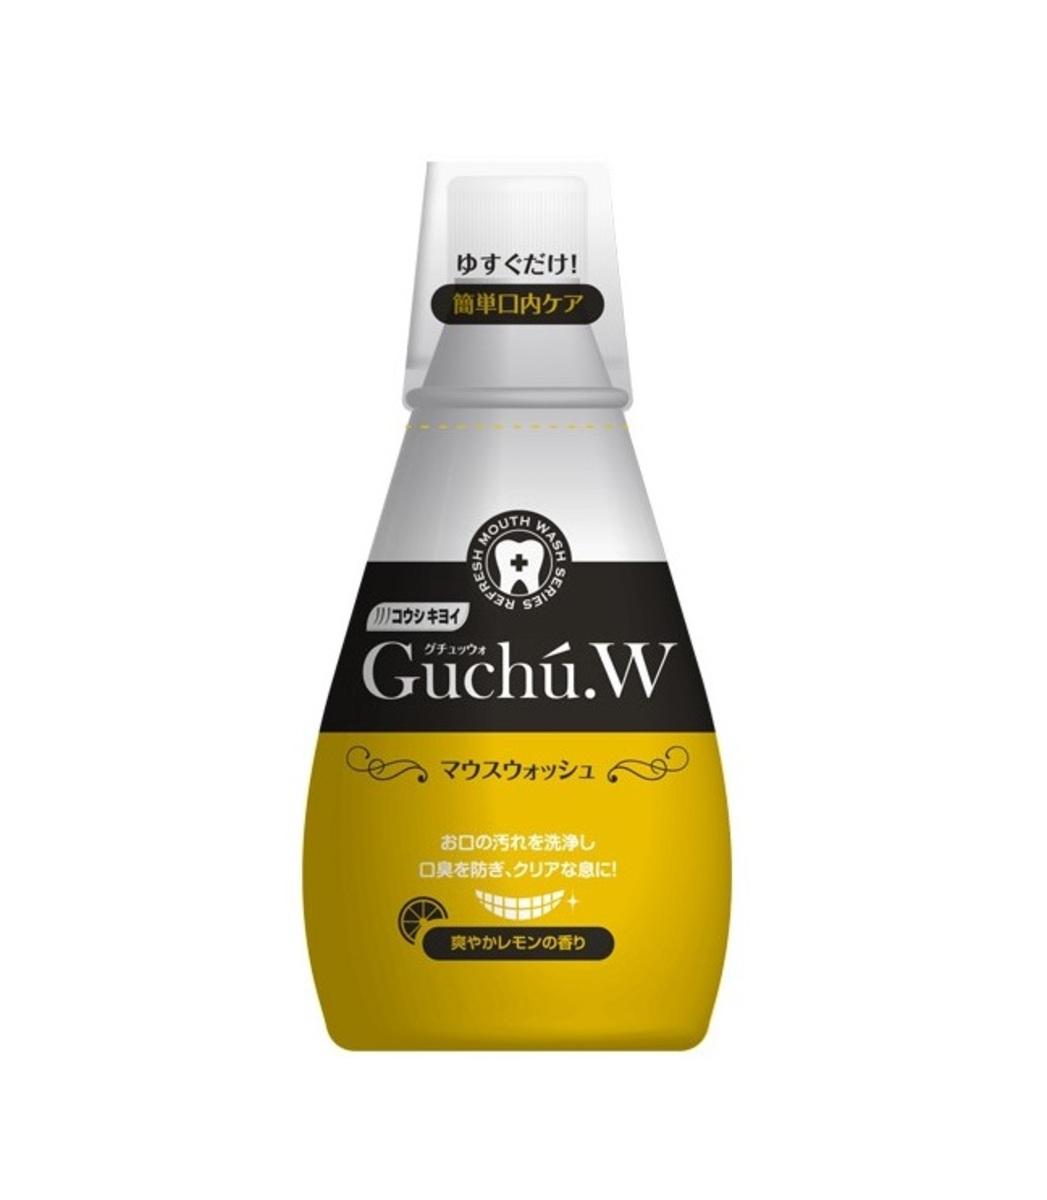 Guchu.W mouthwash 340ml (Yellow) - Ginseng root Lemon